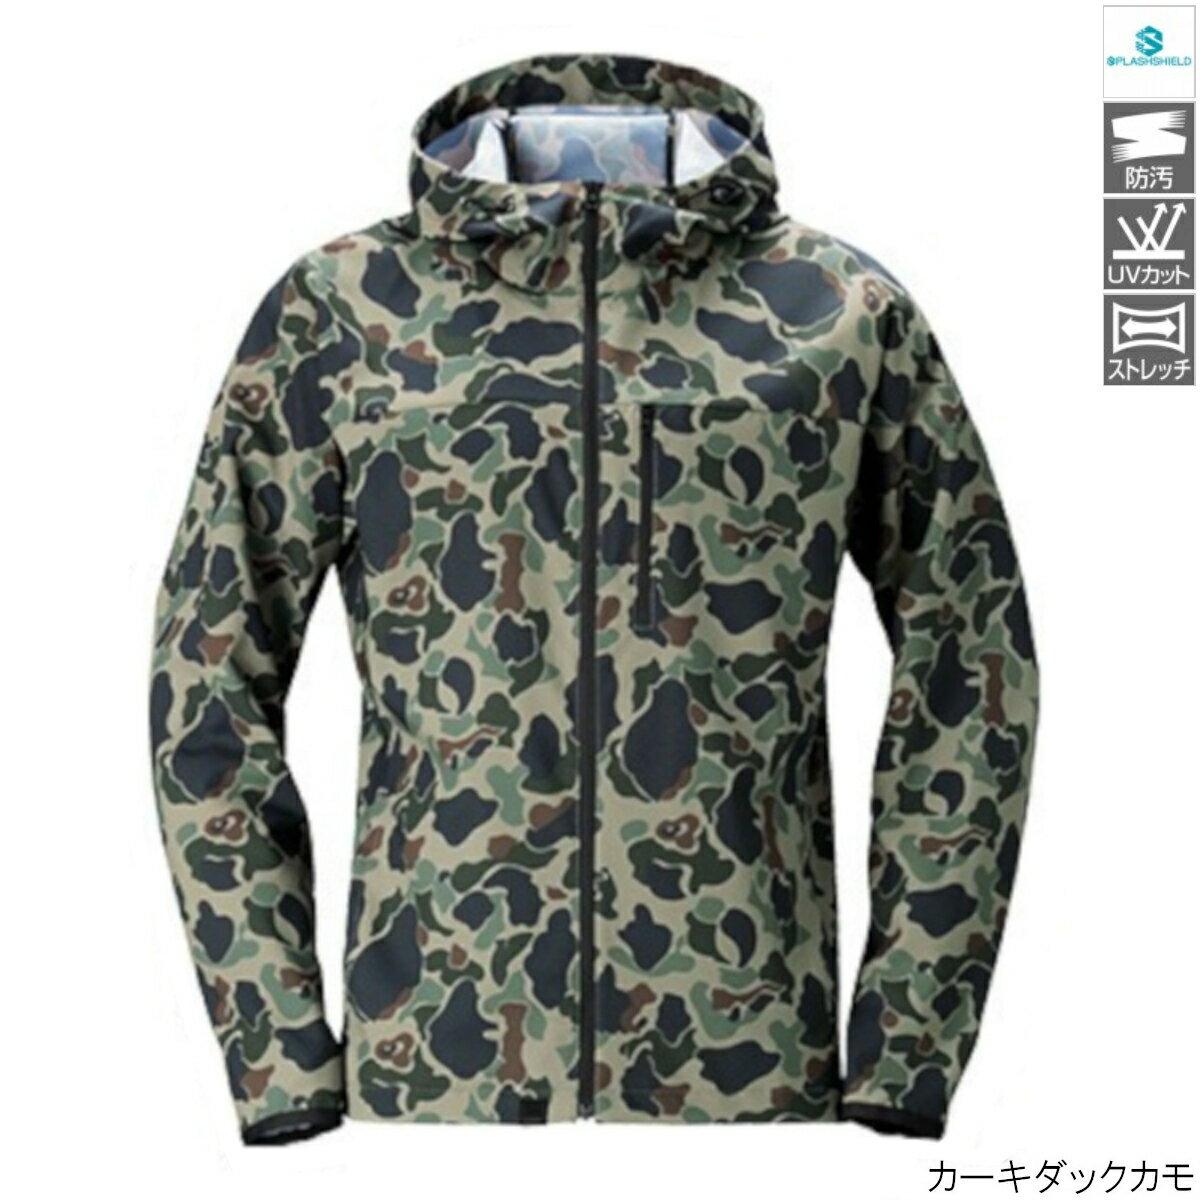 SSジャケット WJ-048T L カーキダックカモ シマノ【同梱不可】